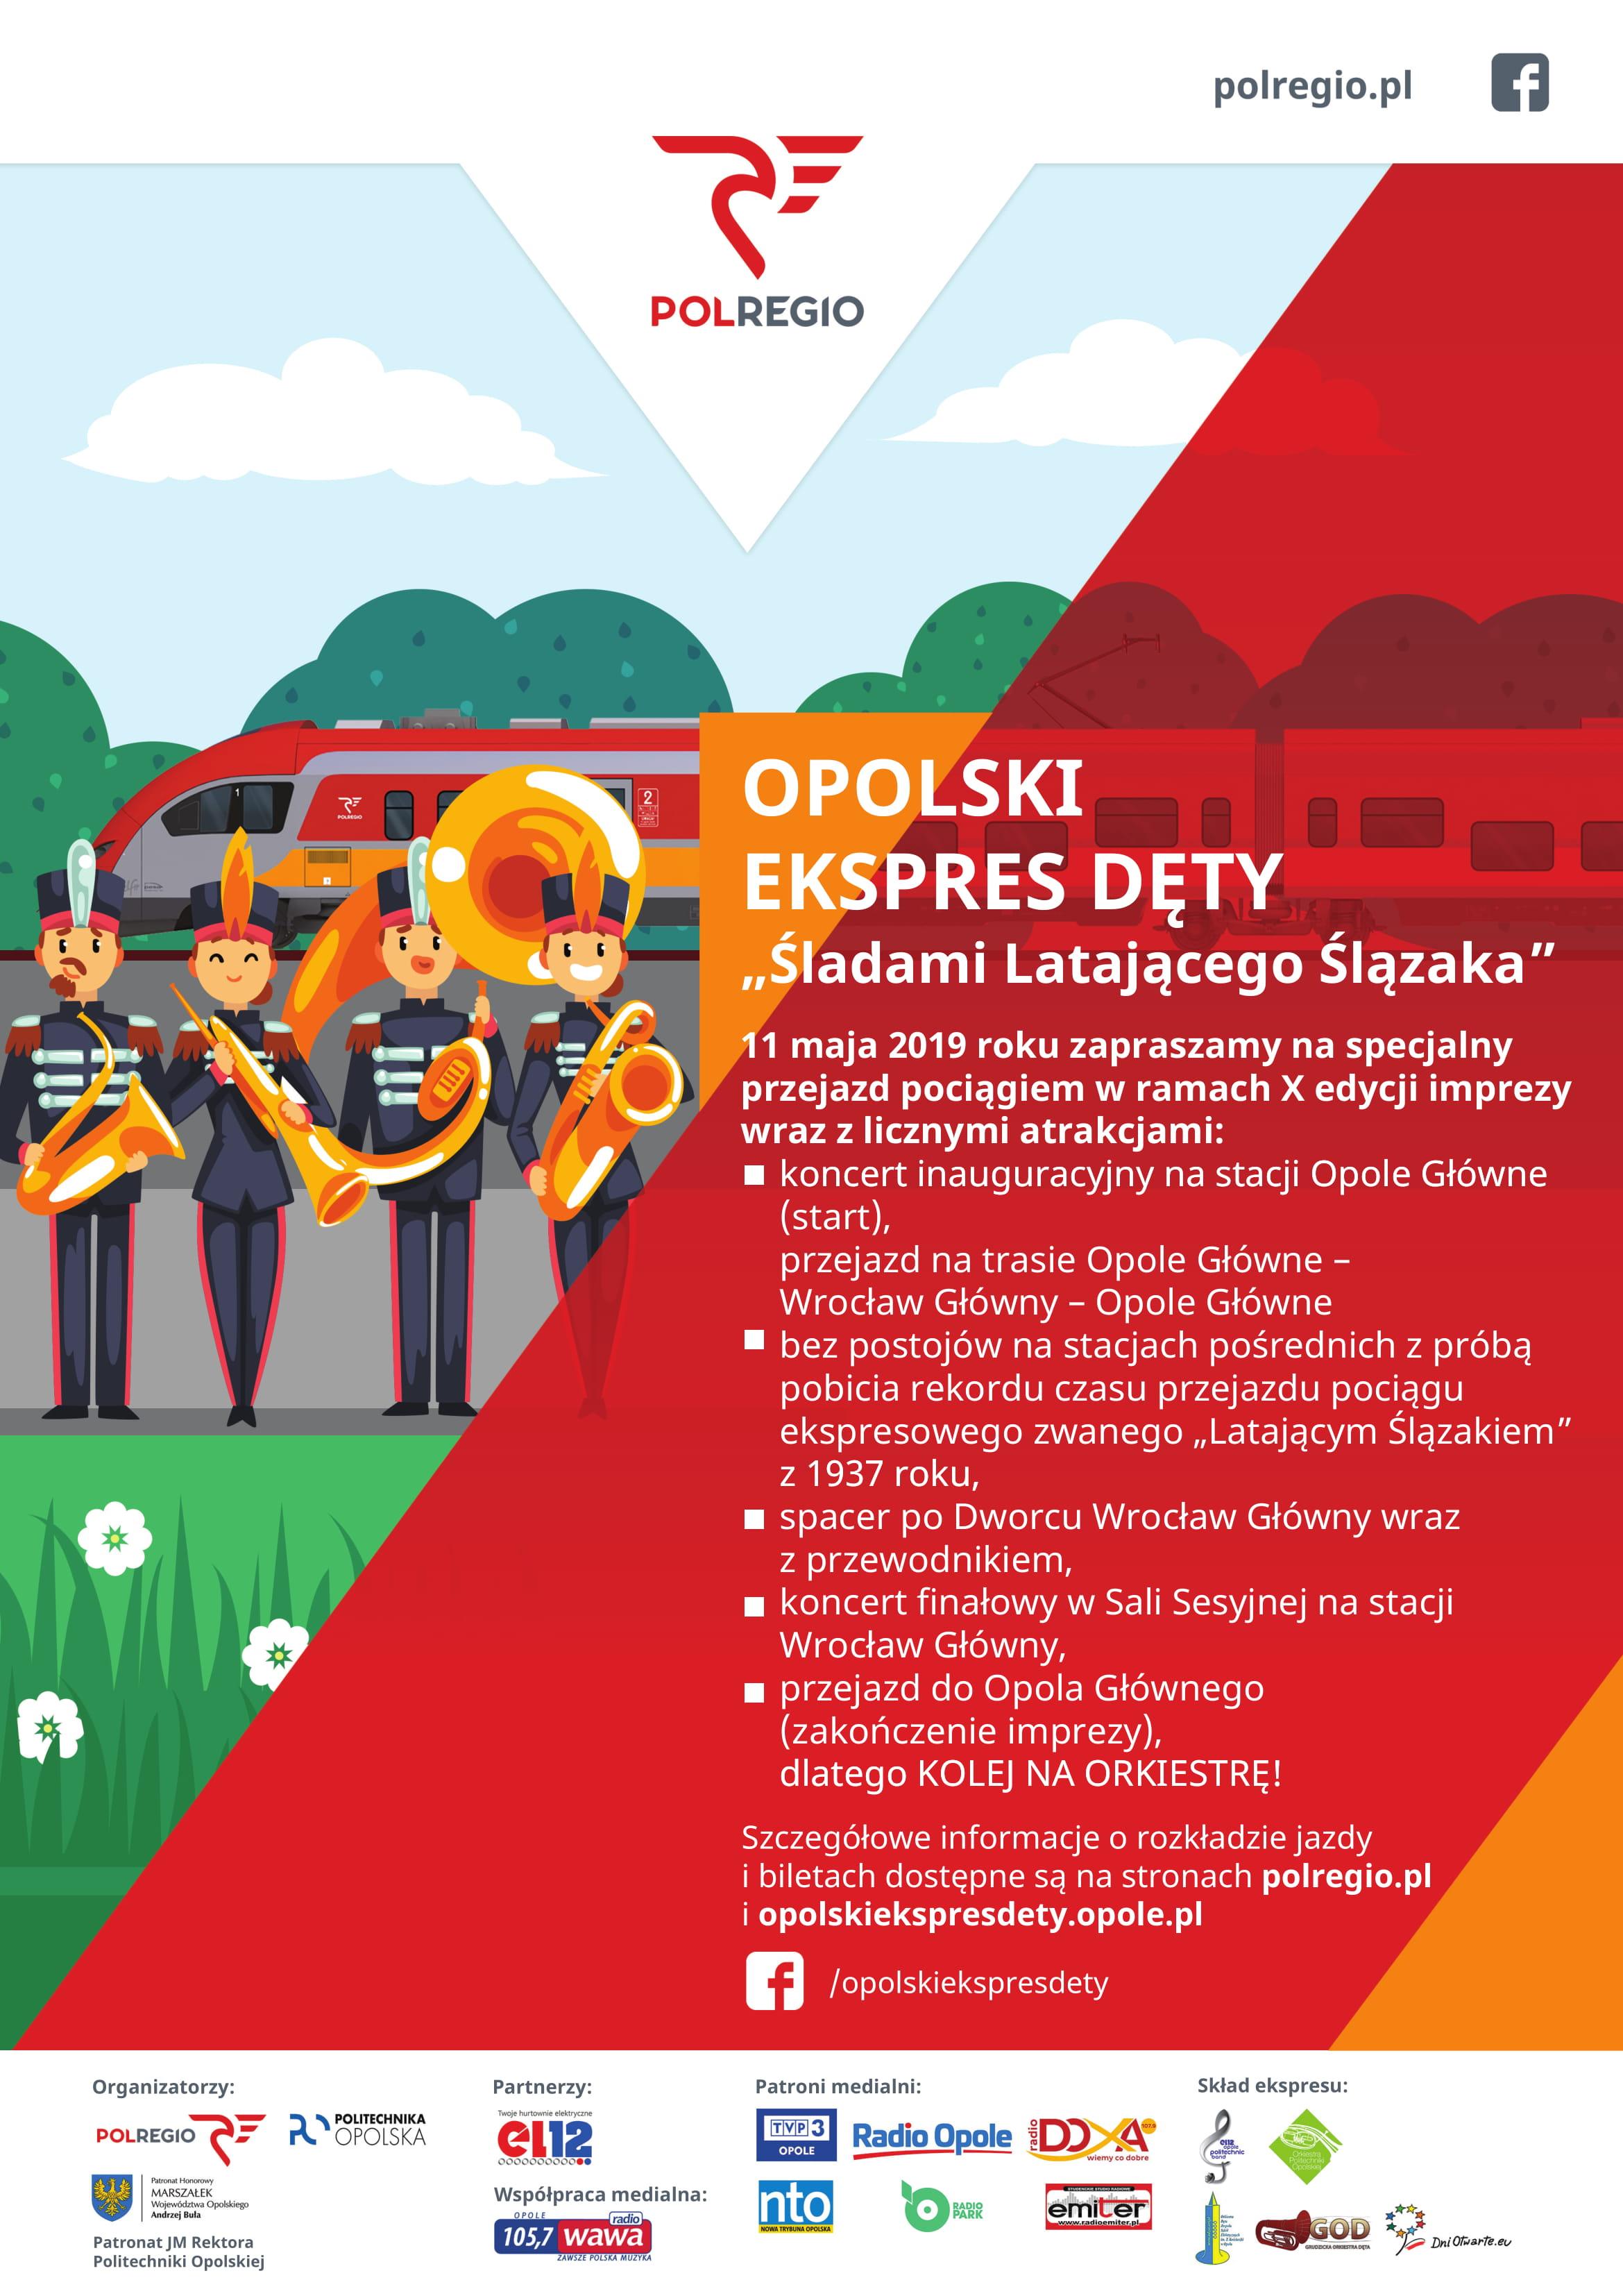 plakat_opolski_ekspres_dety_2019-1